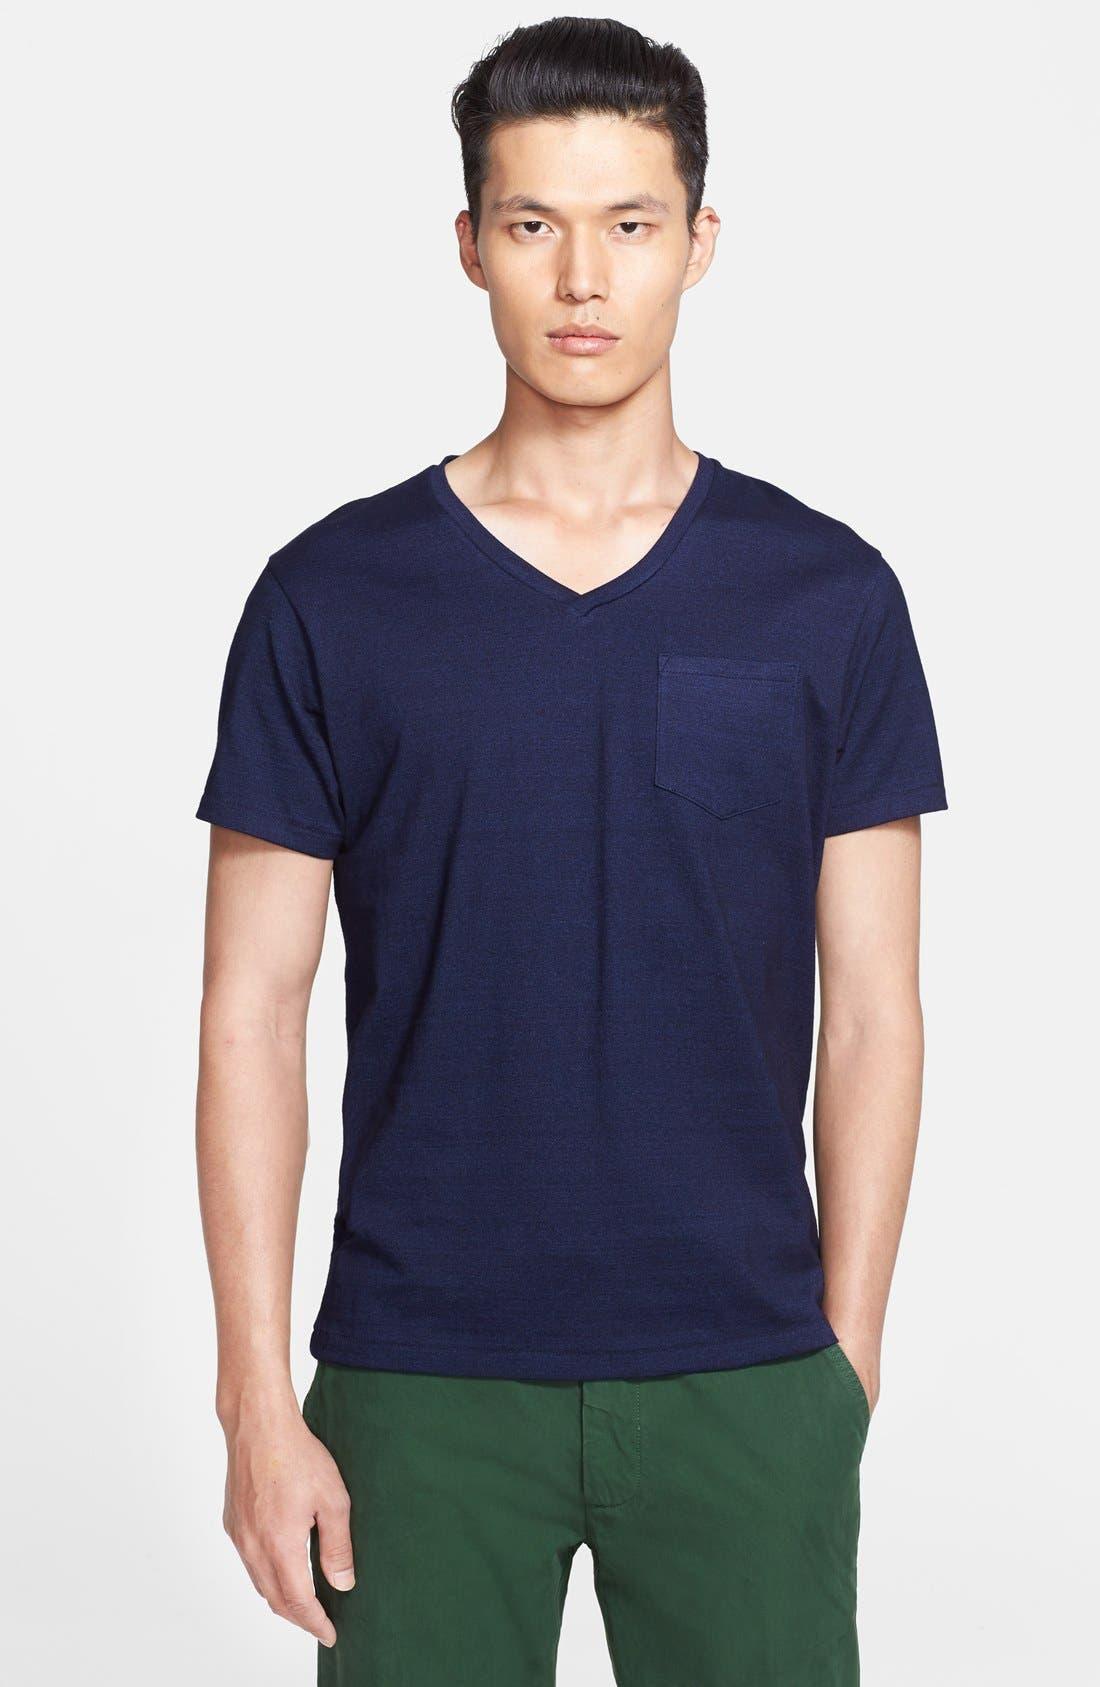 Alternate Image 1 Selected - Todd Snyder Pocket V-Neck T-Shirt